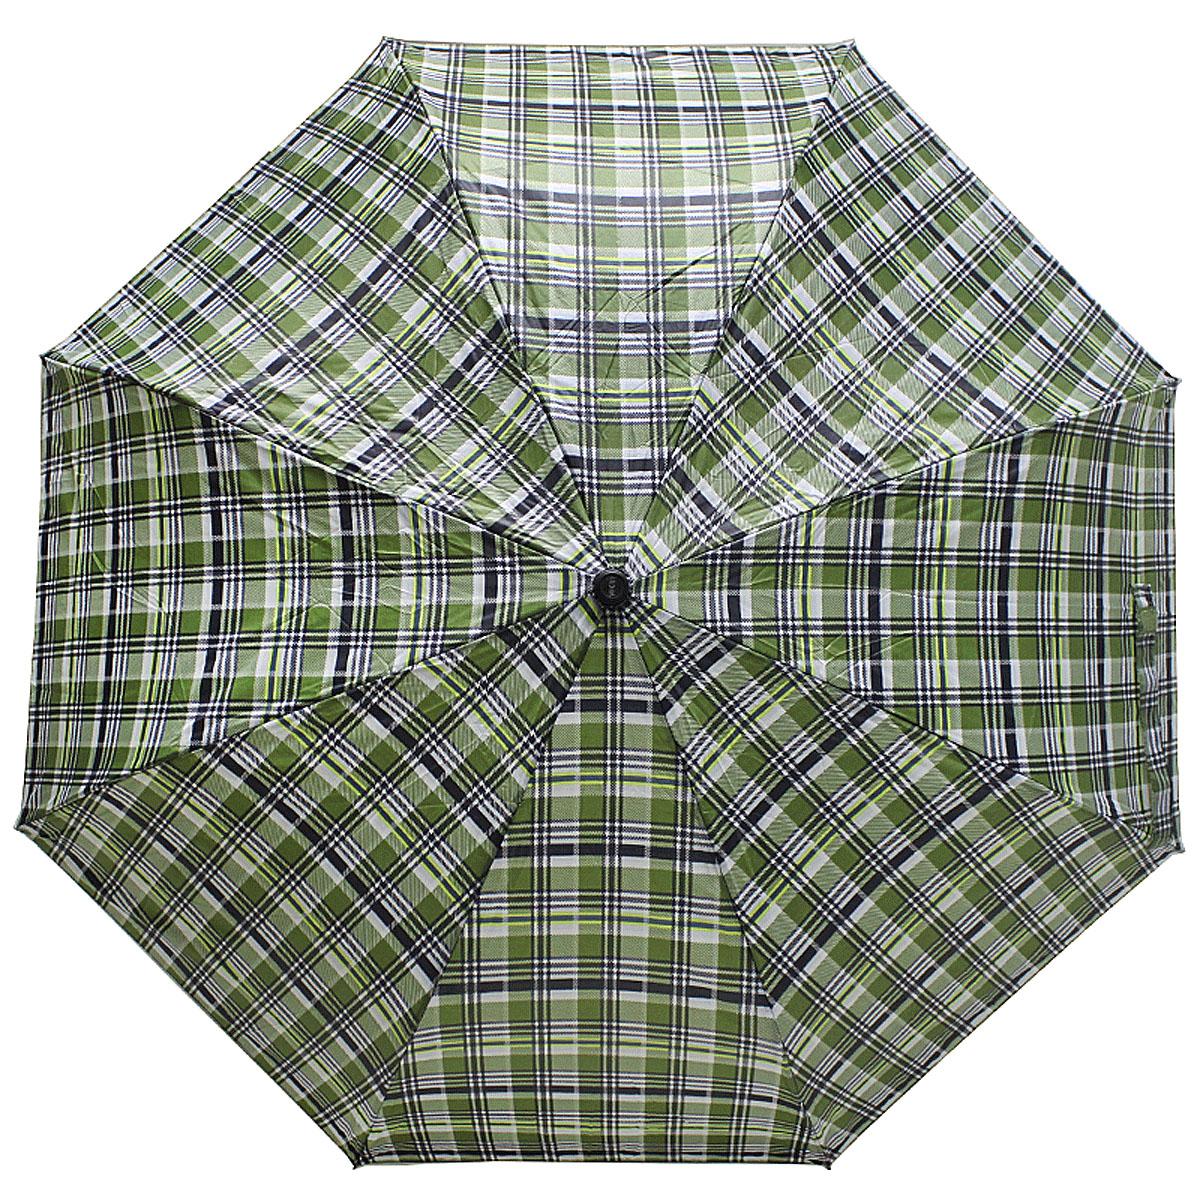 Зонт женский Vogue, цвет: зеленый. 448V-4448V-4Стильный механический зонт испанского производителя Vogue оснащен каркасом с противоветровым эффектом. Каркас зонта включает 8 спиц. Стержень изготовлен из стали, купол выполнен из прочного полиэстера. Зонт является механическим: купол открывается и закрывается вручную до характерного щелчка. Такой зонт не только надежно защитит вас от дождя, но и станет стильным аксессуаром, который идеально подчеркнет ваш неповторимый образ. Рекомендации по использованию: Мокрый зонт нельзя оставлять сложенным. Зонт после использования рекомендуется сушить в полураскрытом виде вдали от нагревательных приборов. Чистить зонт рекомендуется губкой, используя мягкие нещелочные растворы.